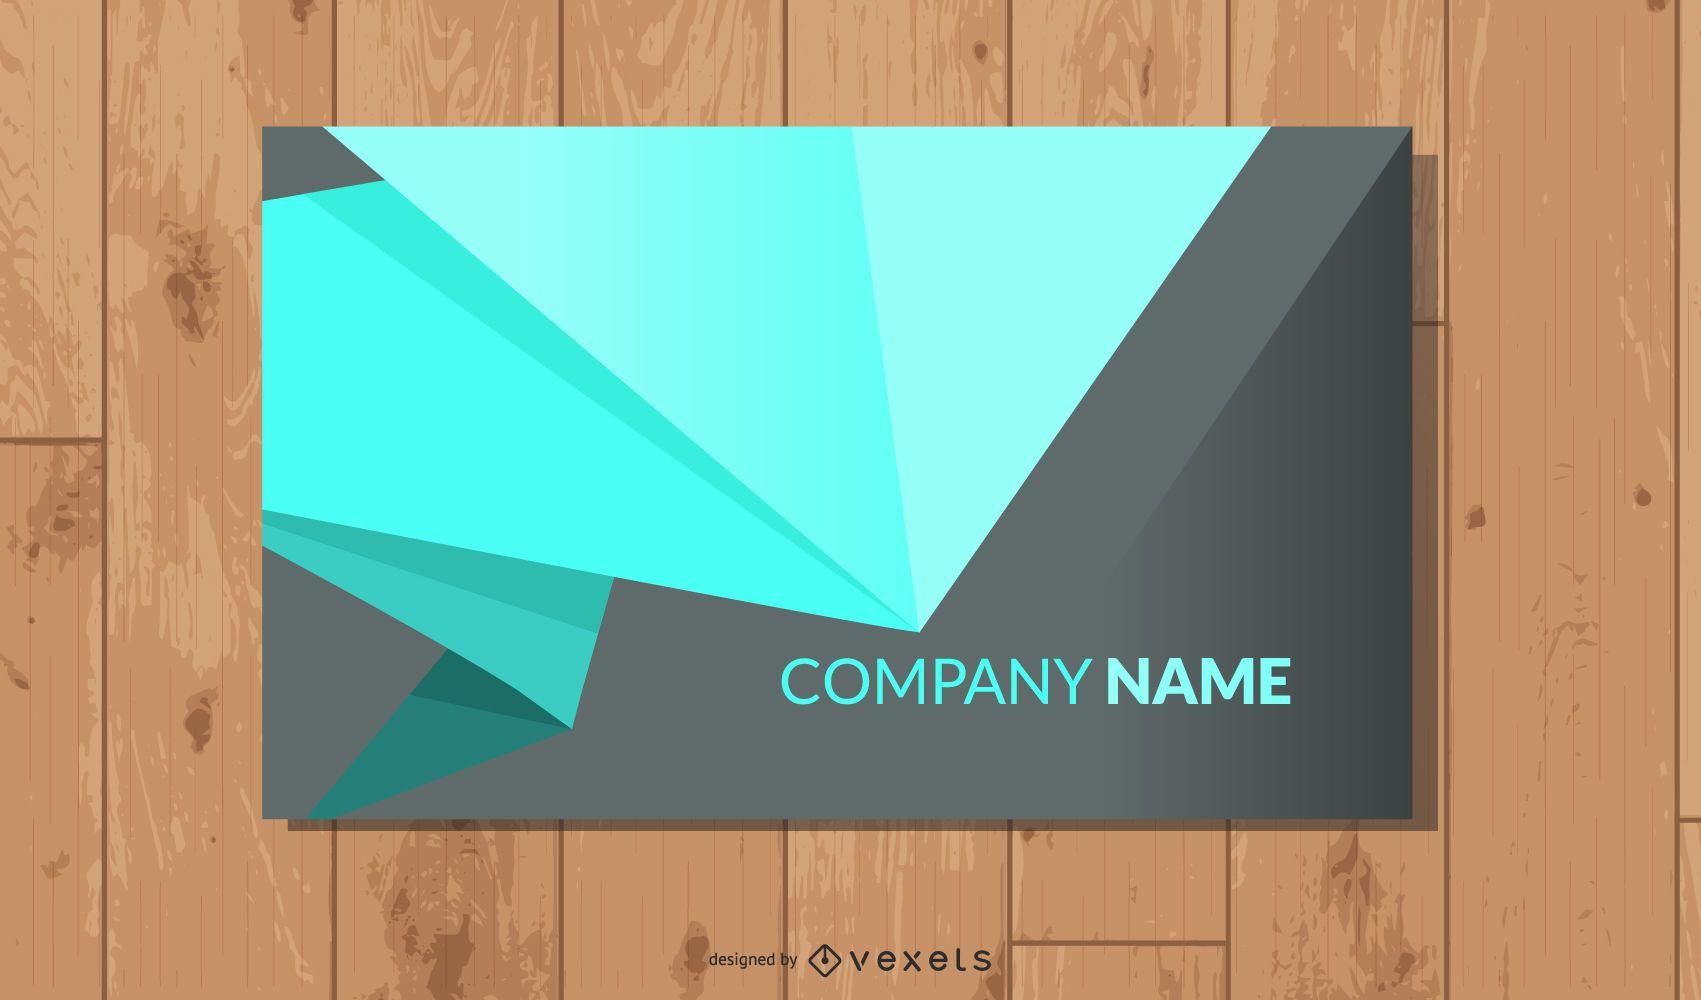 Saubere und einfache Visitenkarte f?r Unternehmen